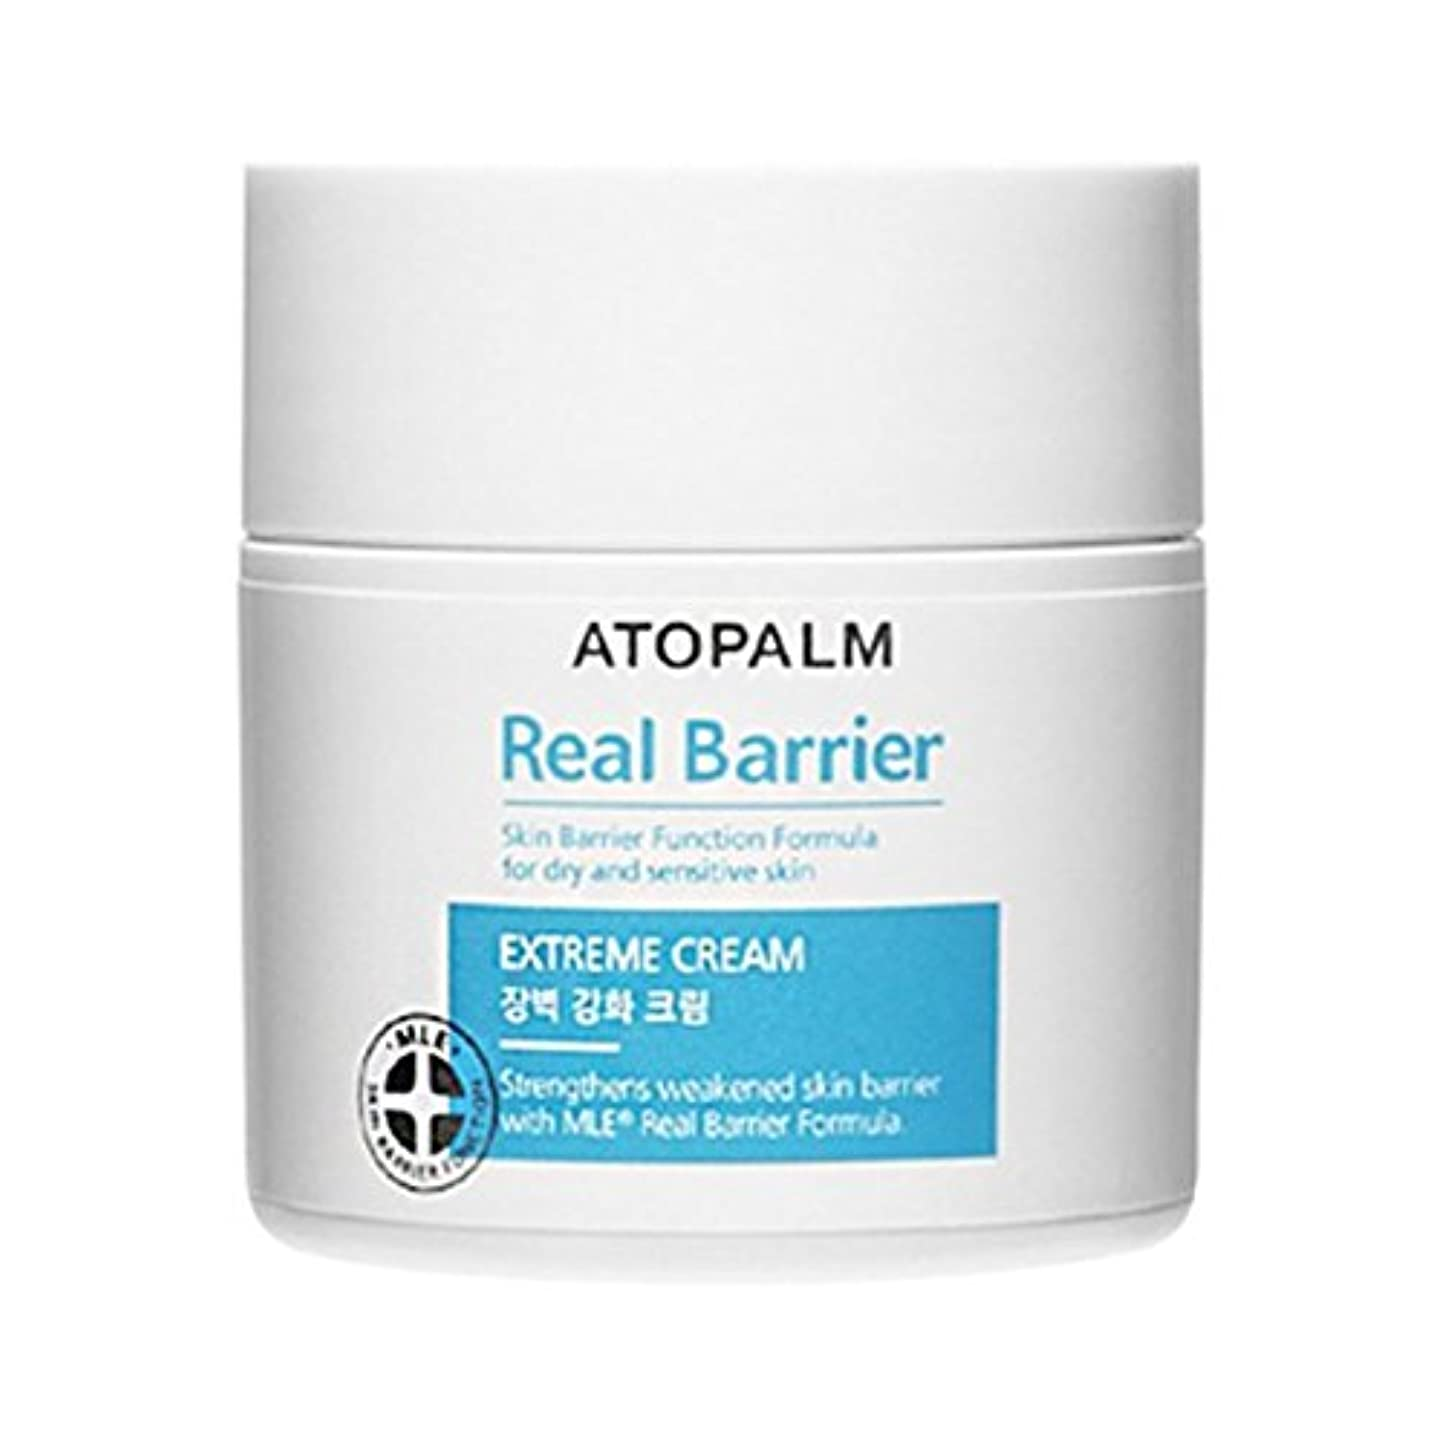 退院韓国ファウルアトファムリアルバリア?エクストリームクリーム50ml、韓国化粧品 ATOPALM Real Barrier Extream Cream 50ml, Korean Cosmetics [並行輸入品]